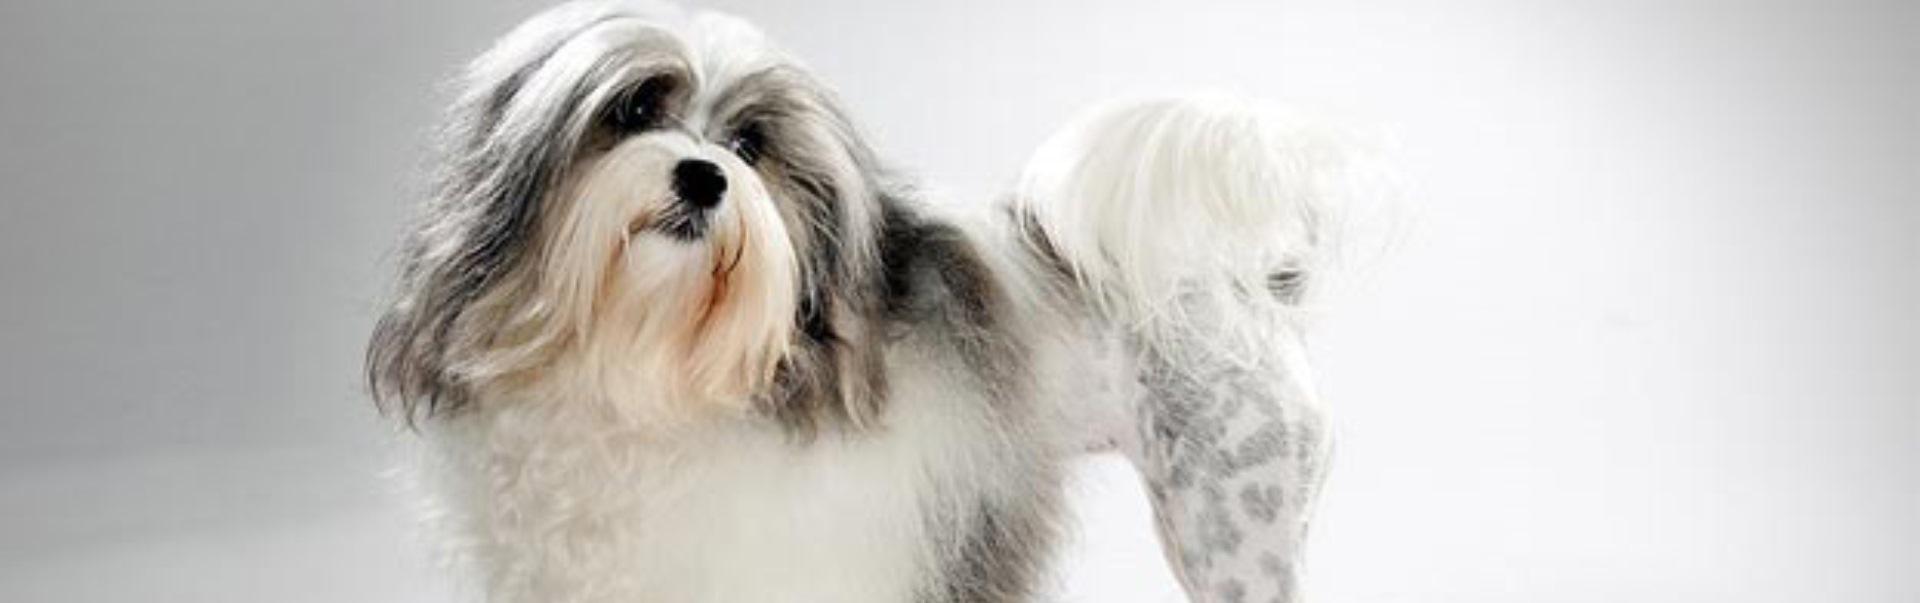 Câinele din rasa Lowchen – caracteristici, personalitate şi îngrijire